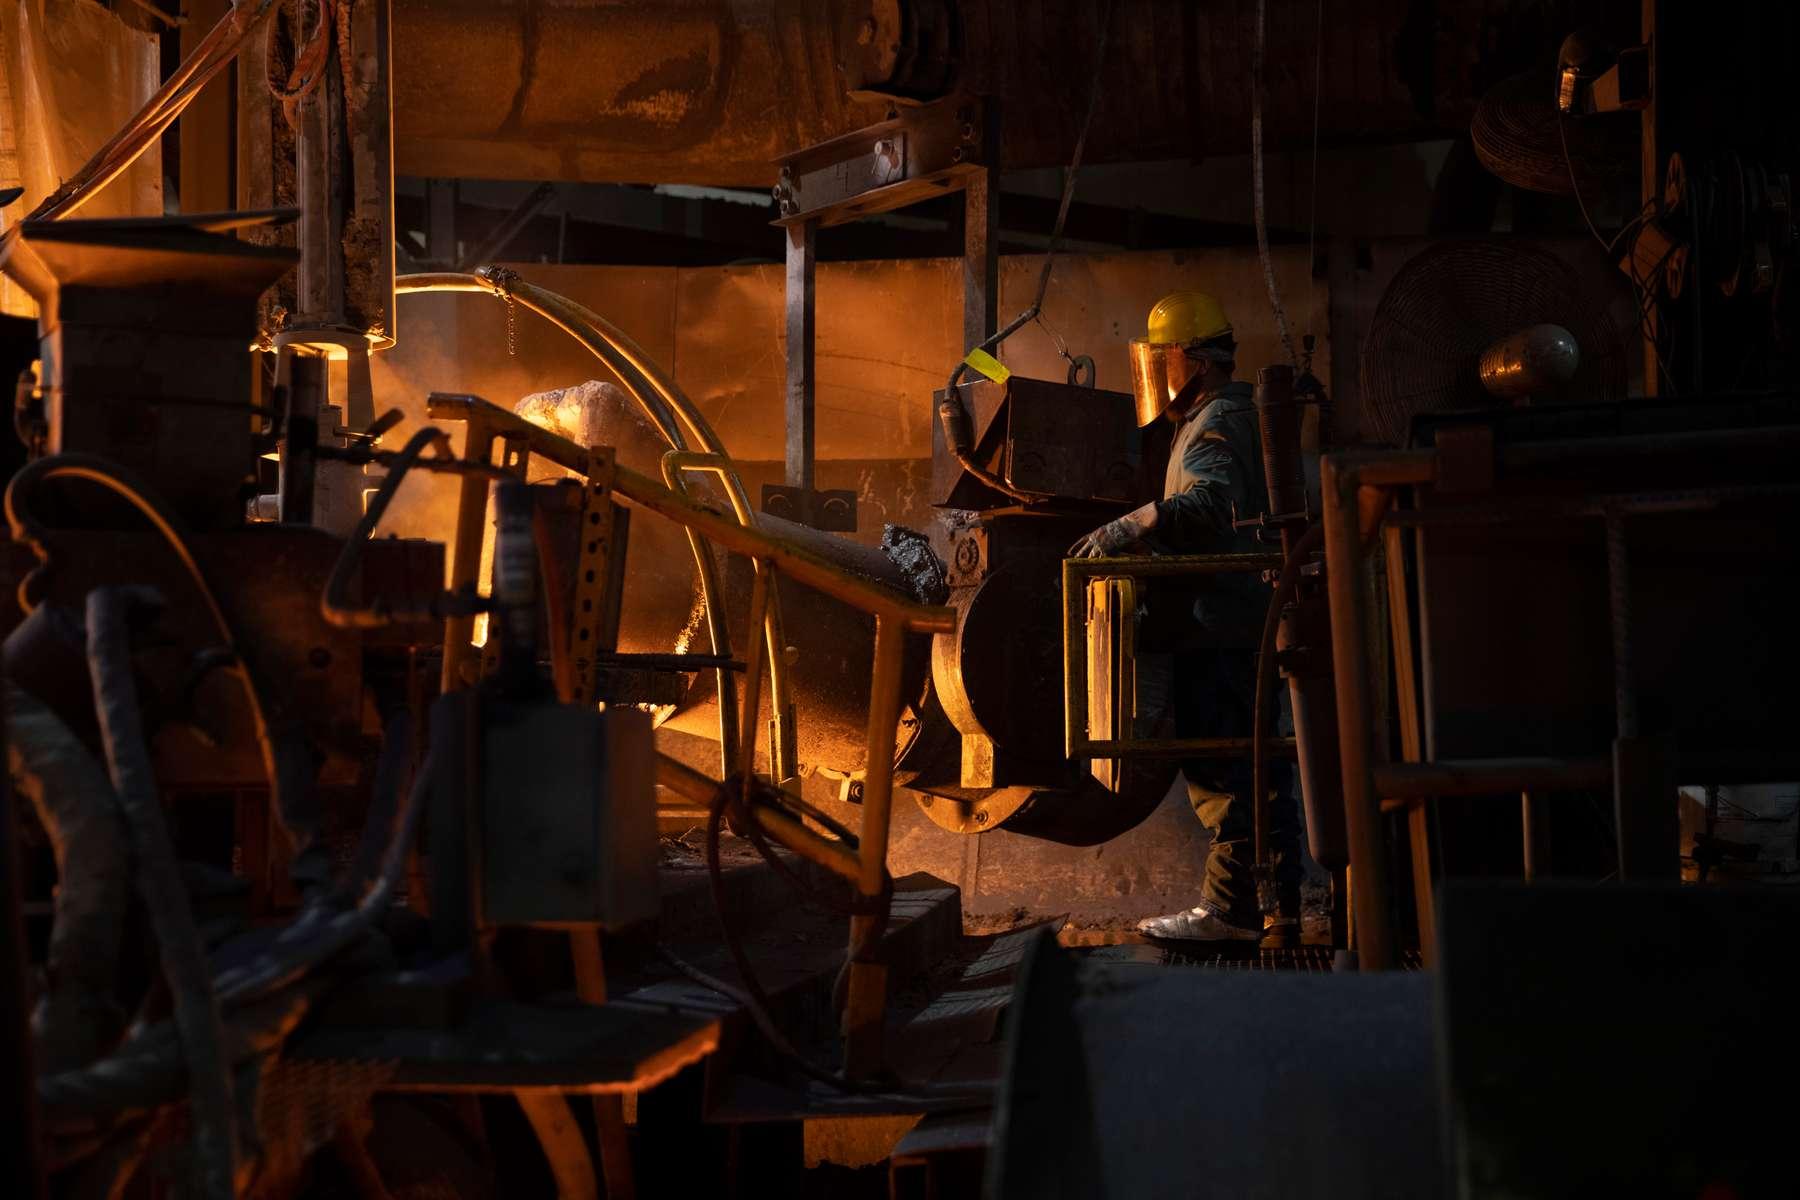 Rochester Metals